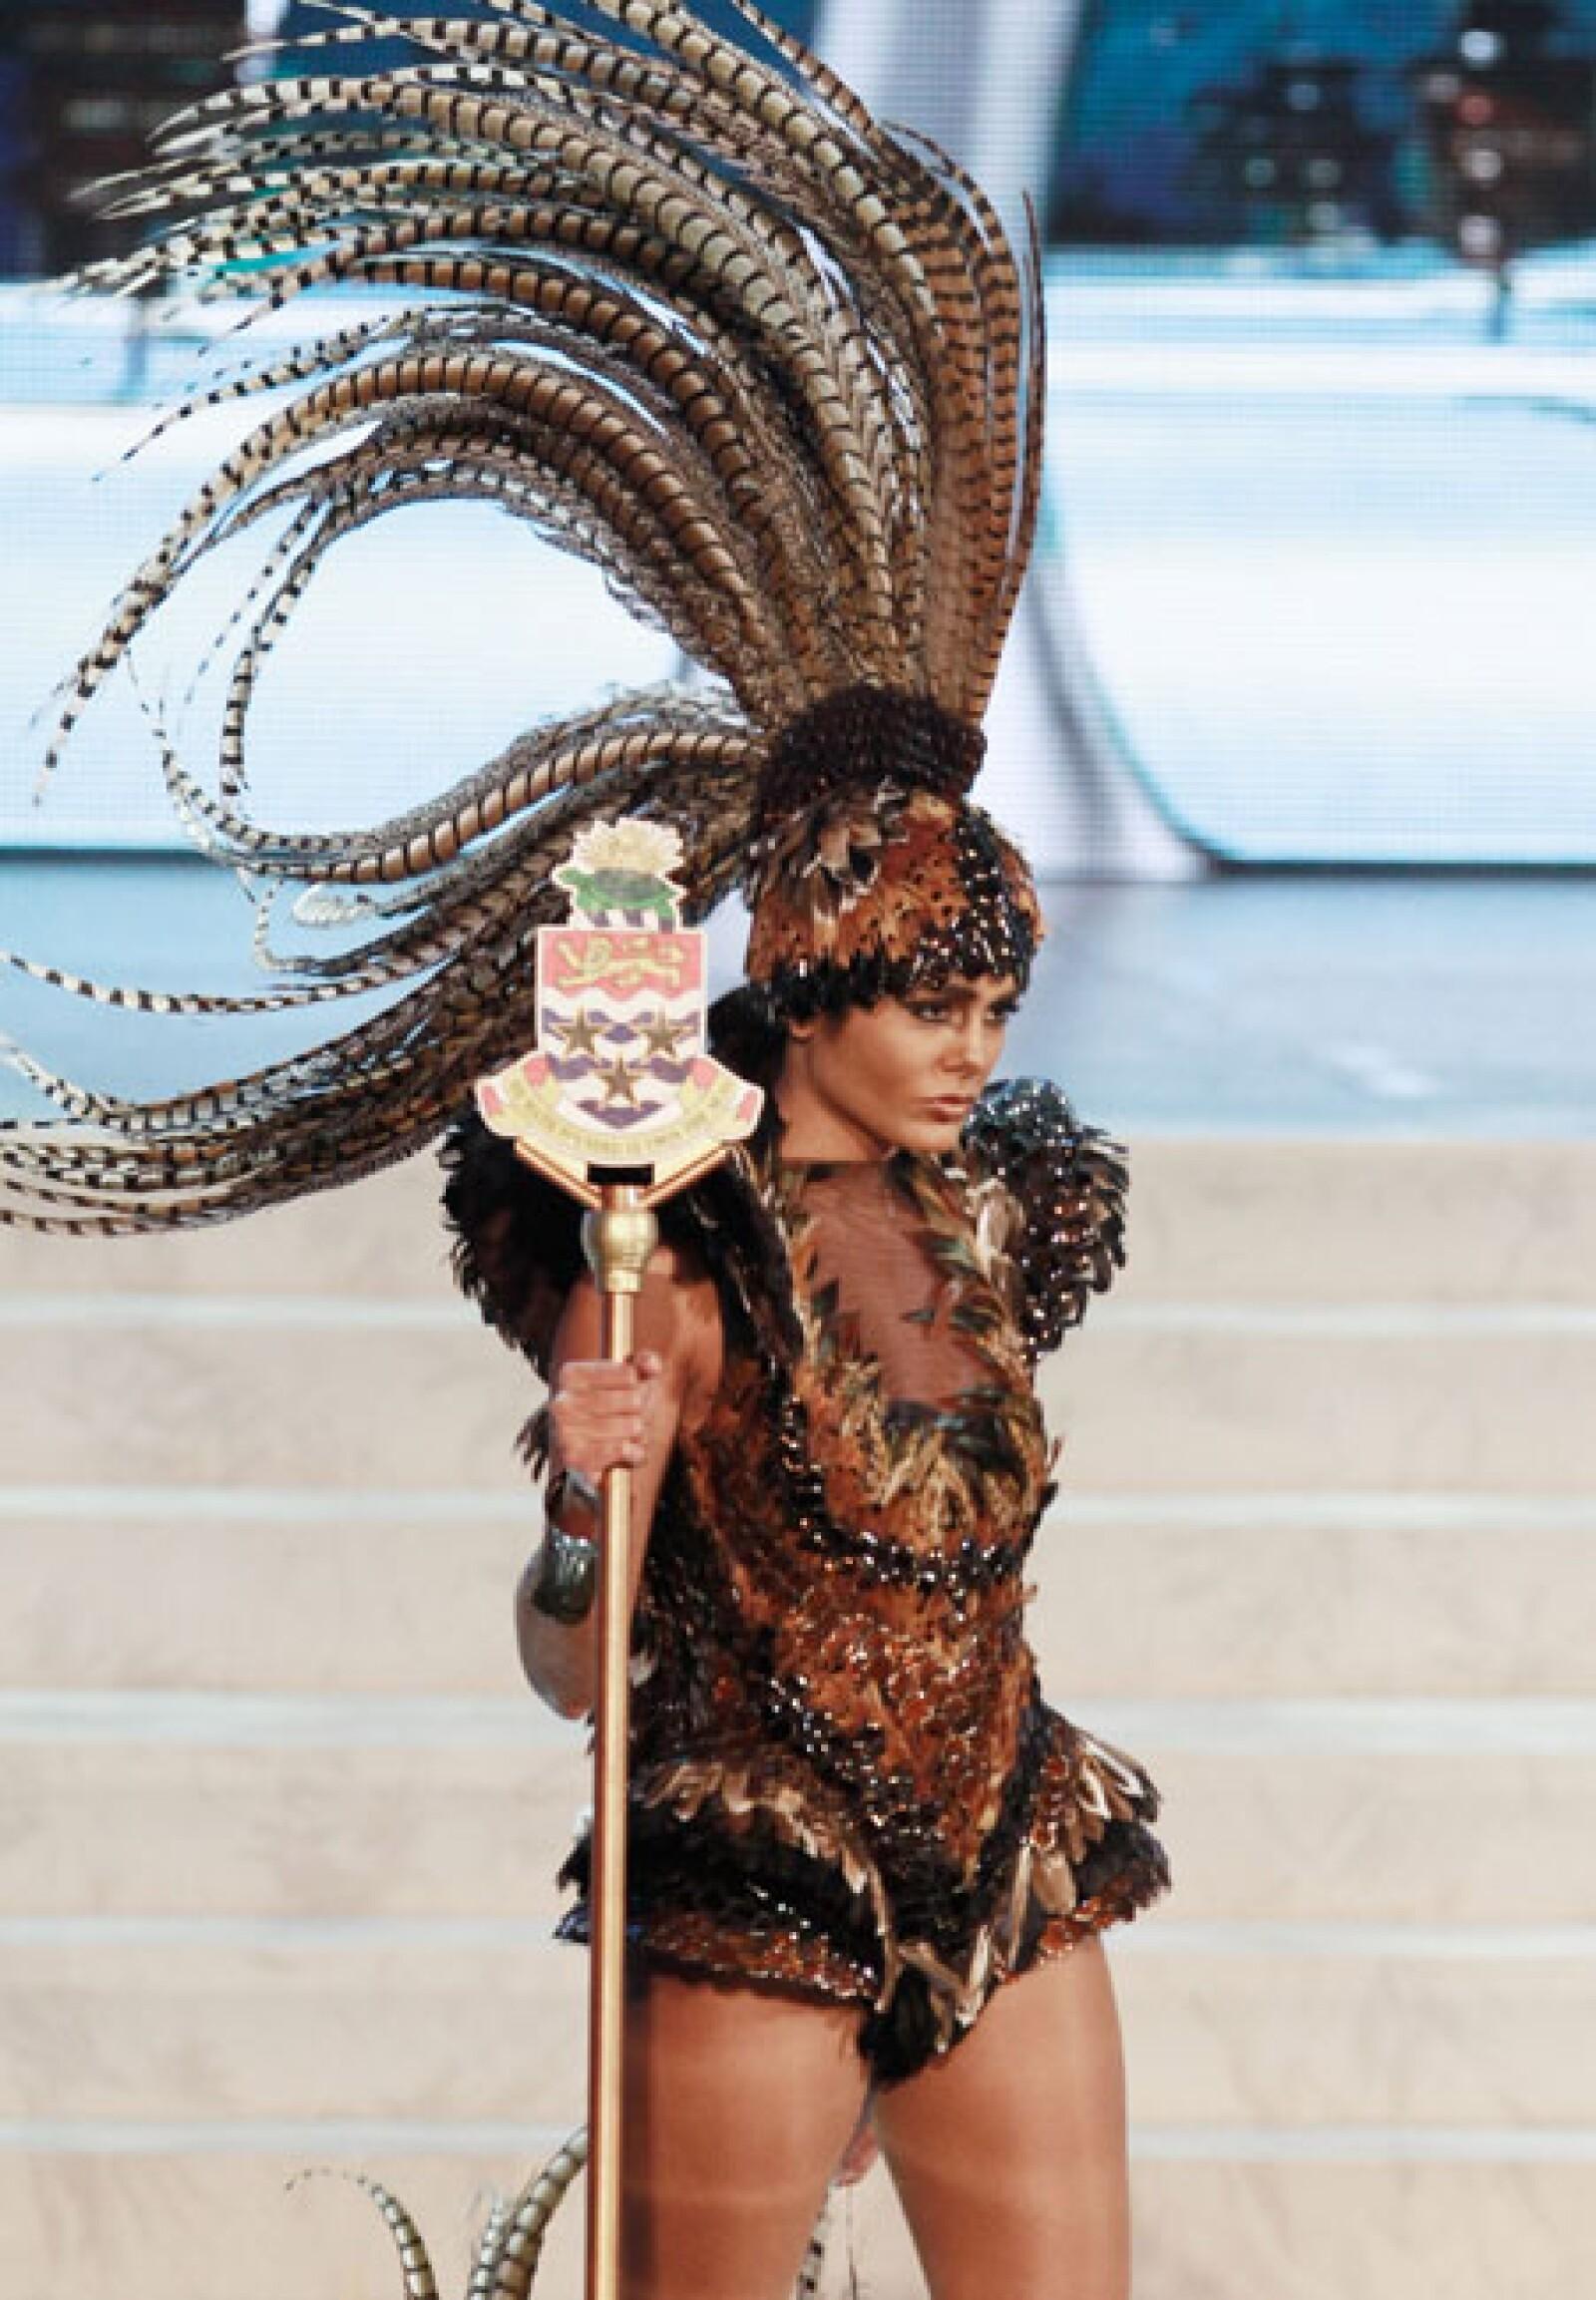 Miss Islas Caimán, Lindsay Japal